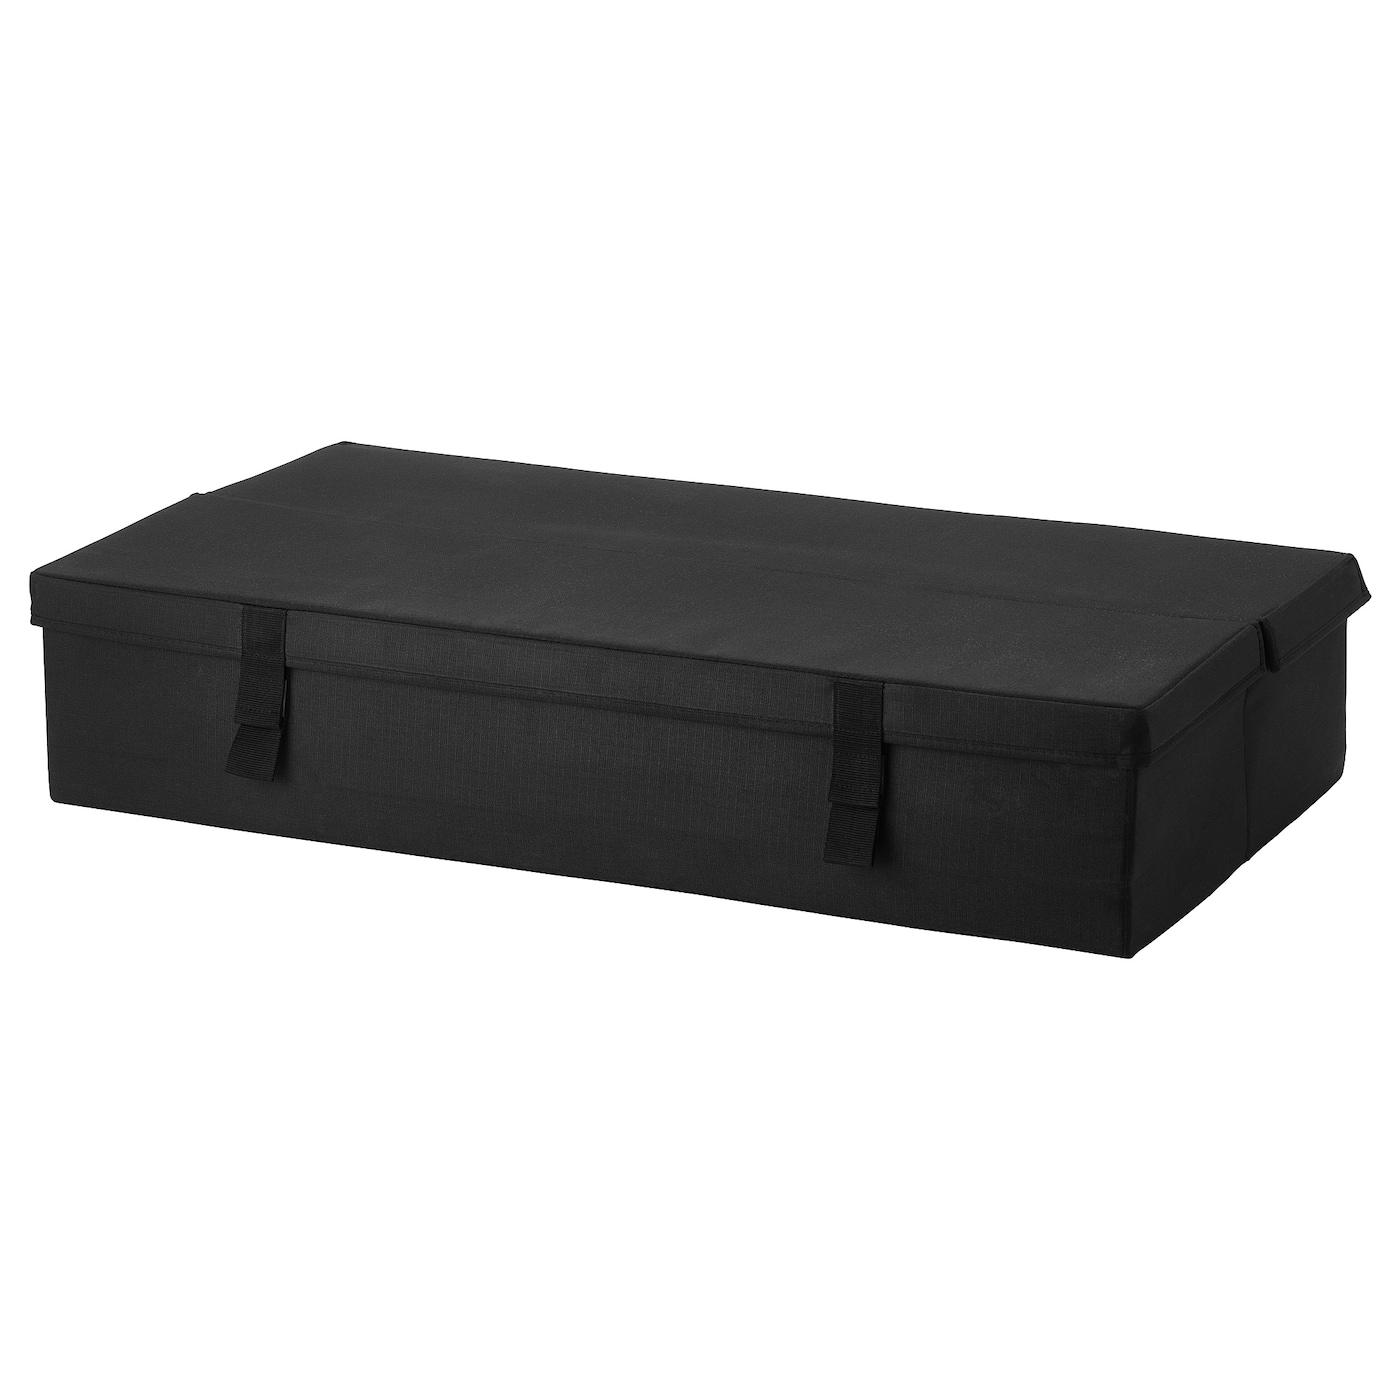 Lycksele Rangement Pour Convertible 2 Places Noir Ikea